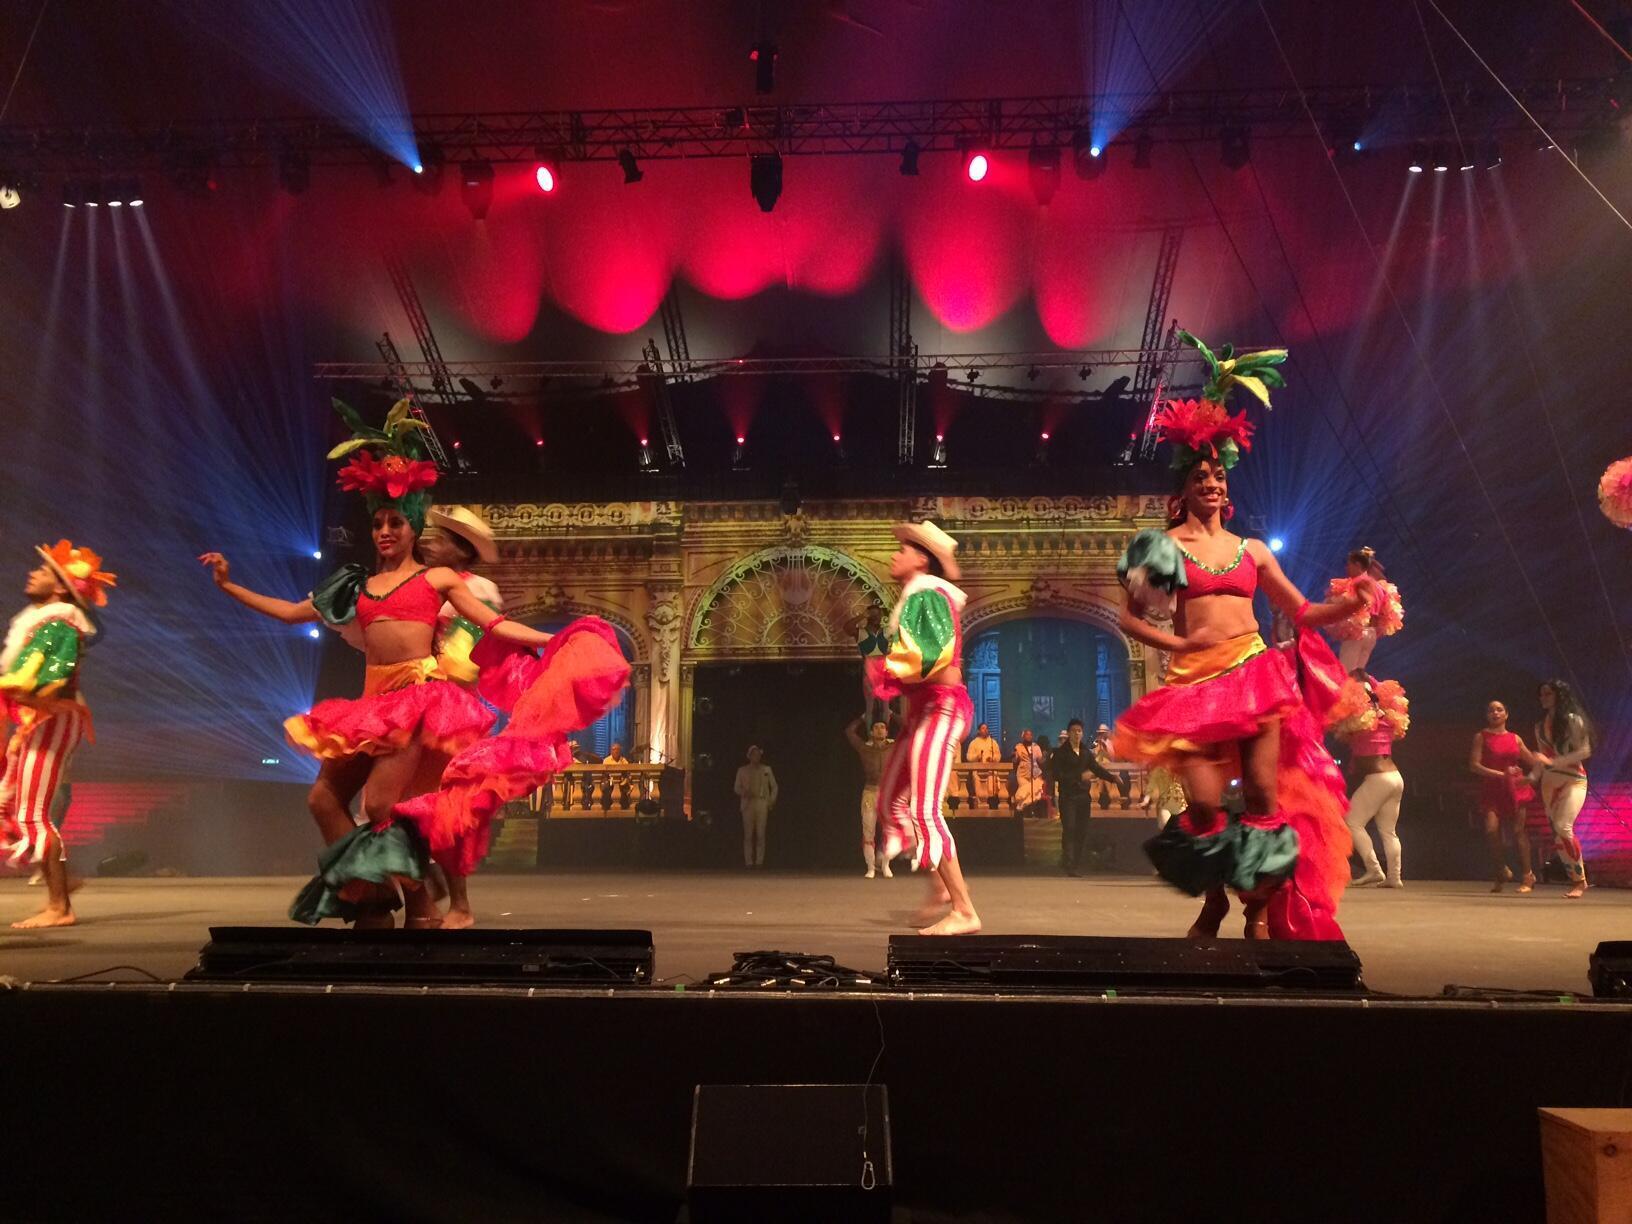 El Carnaval cubano en el espectáculo Cirkacuba.